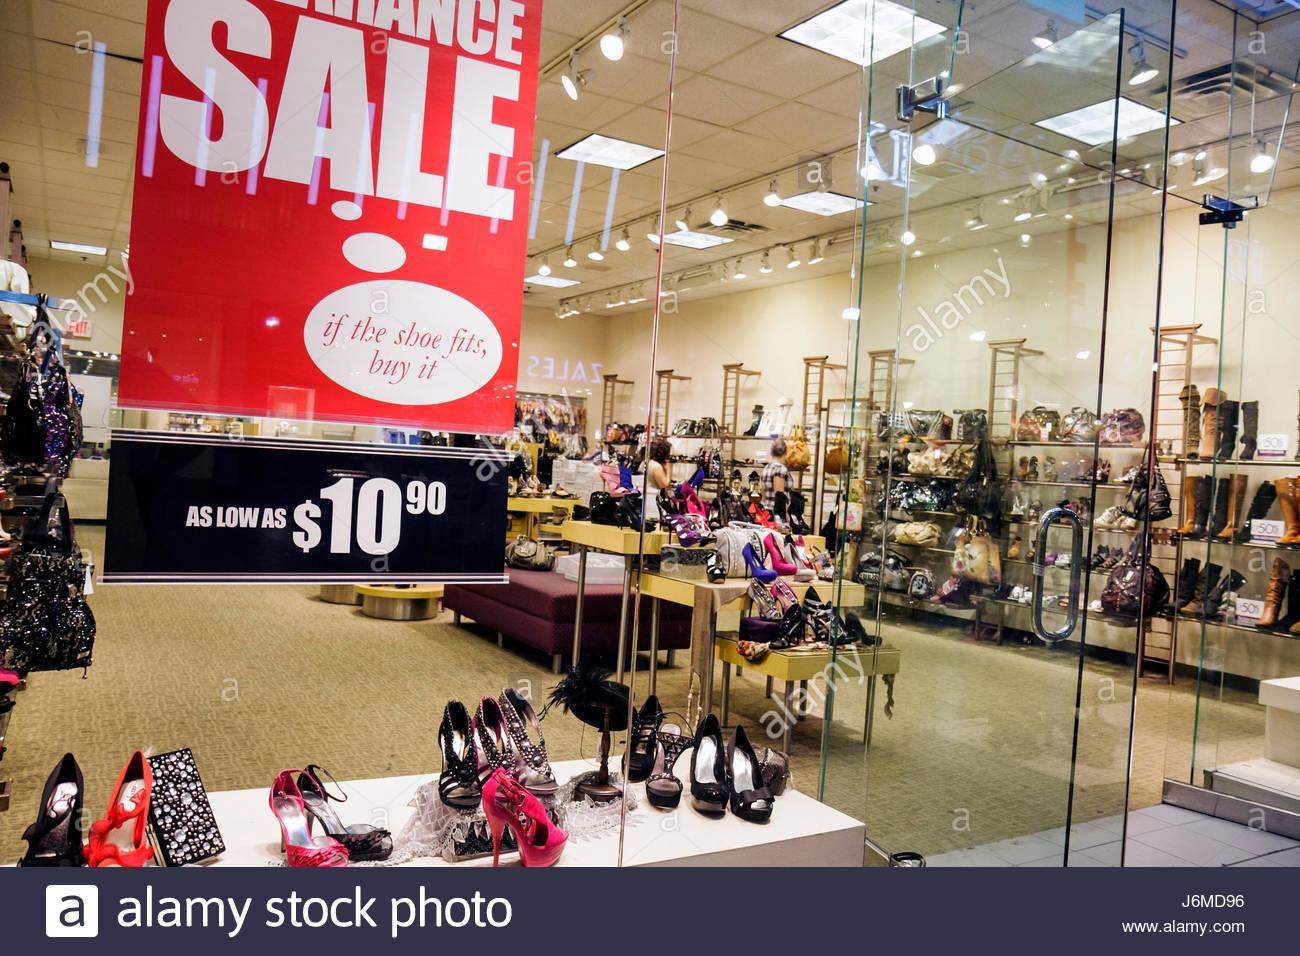 a7fac776ff599 Hialeah Miami Florida Westland Mall Shopping donna di calzature fashion retail  display per la vendita Immagini